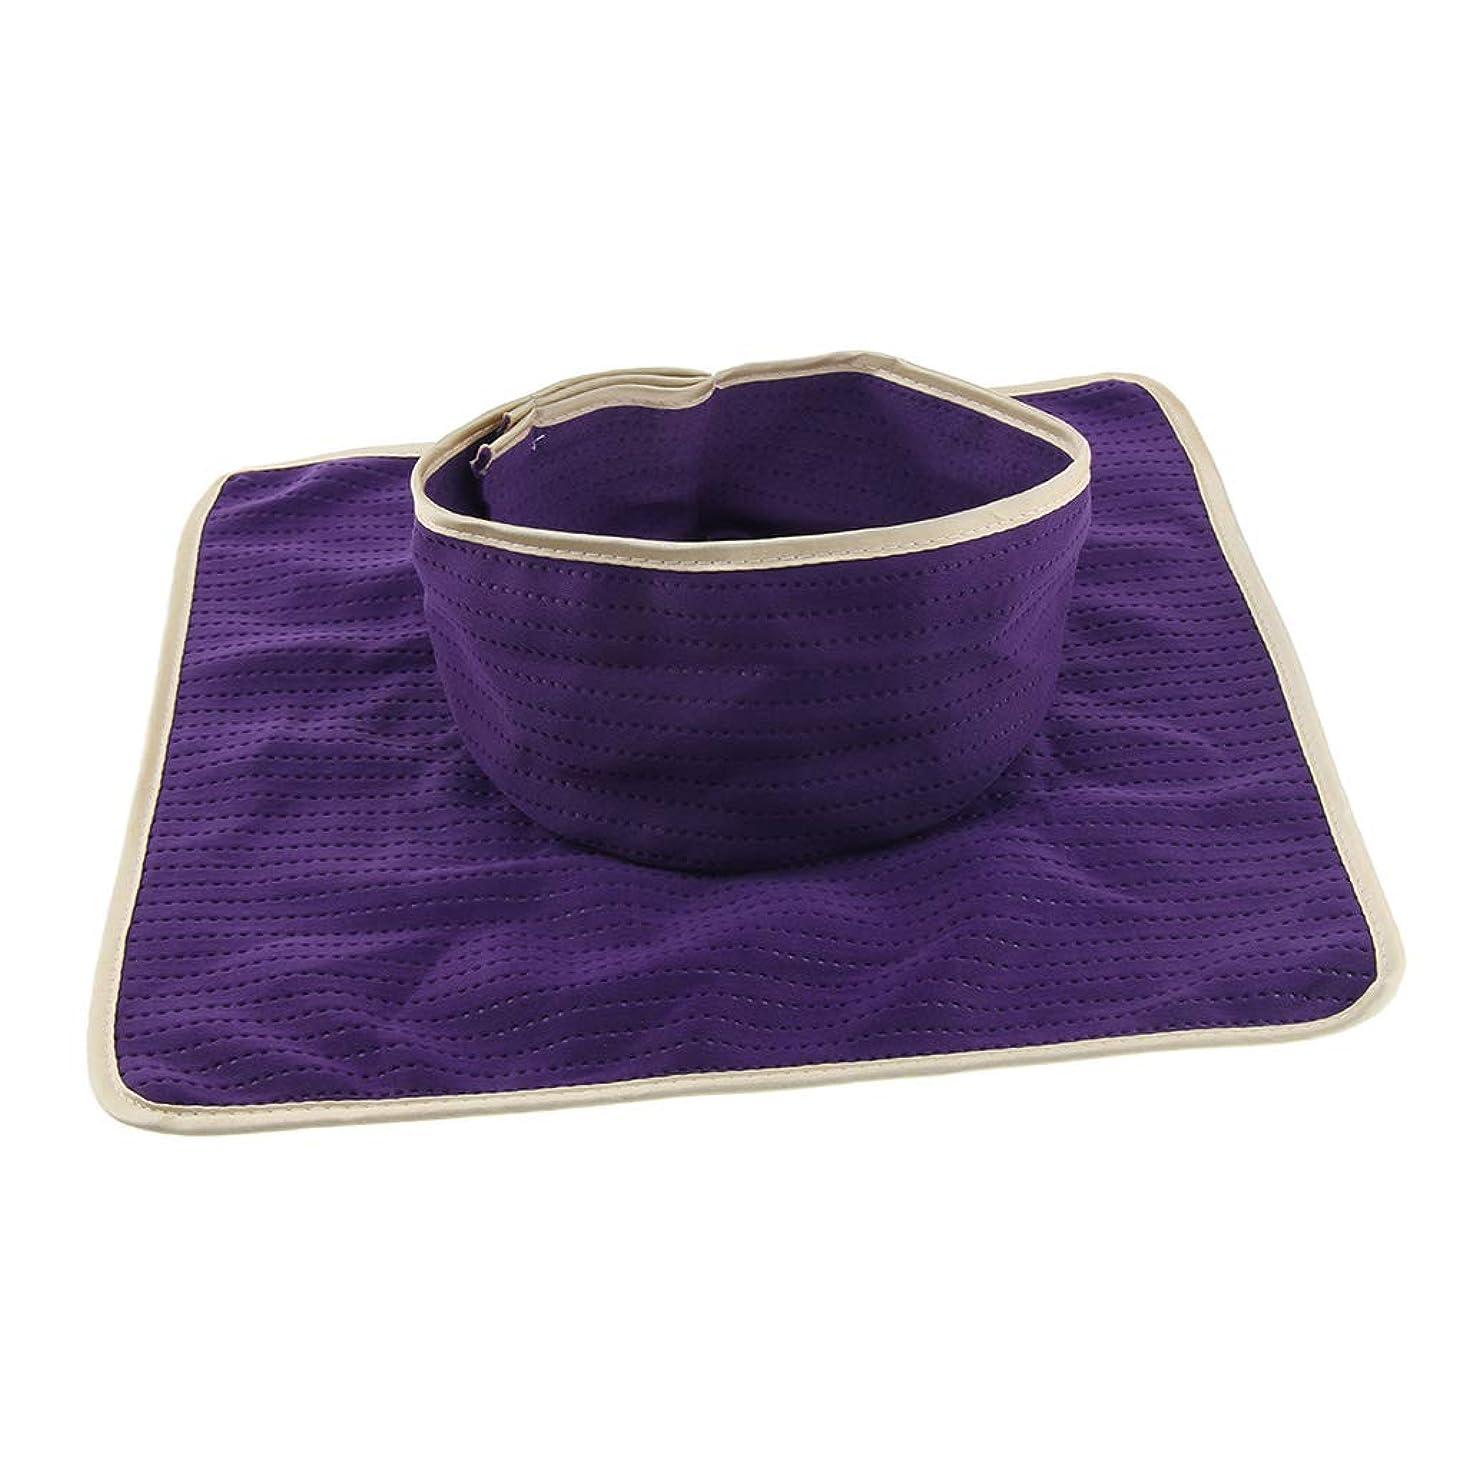 ハンドブック唇時間Perfeclan マッサージ ベッドカバー シート パッド 洗濯可能 再利用可能 約35×35cm 全3色 - 紫